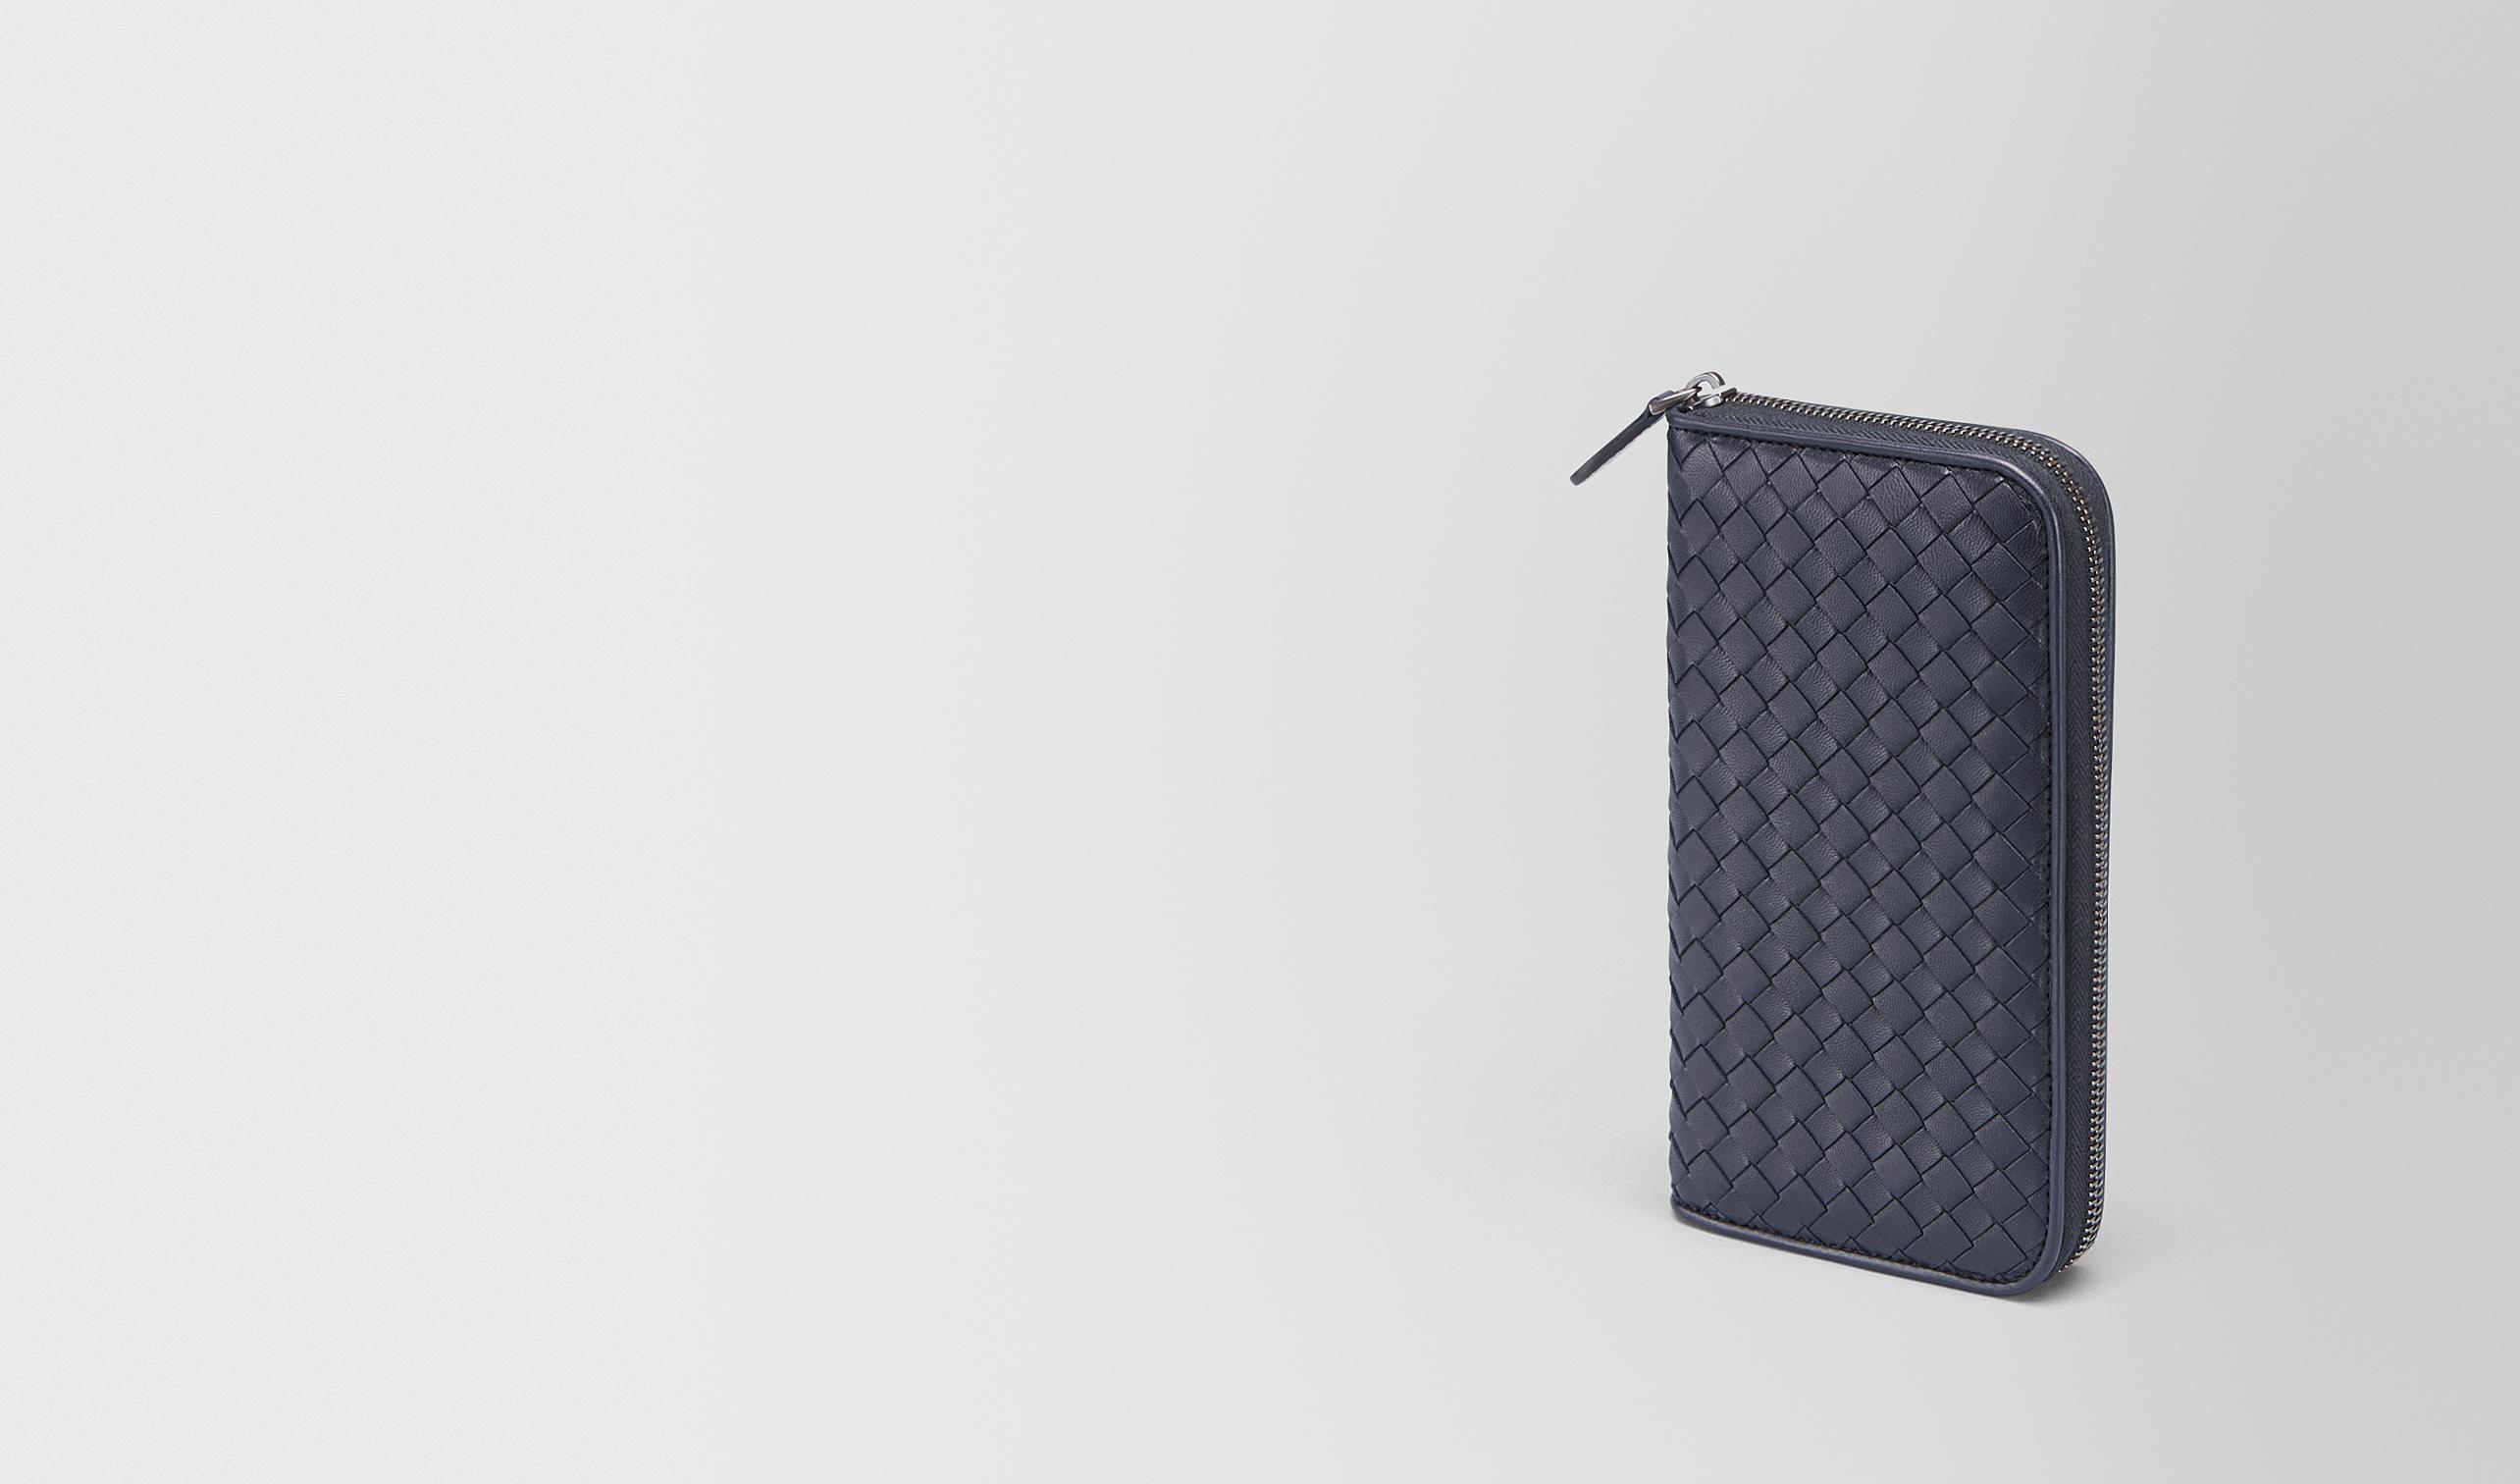 BOTTEGA VENETA Portemonnaie mit Zip D PORTEMONNAIE MIT ZIP AUS INTRECCIATO NAPPA IN TOURMALINE pl